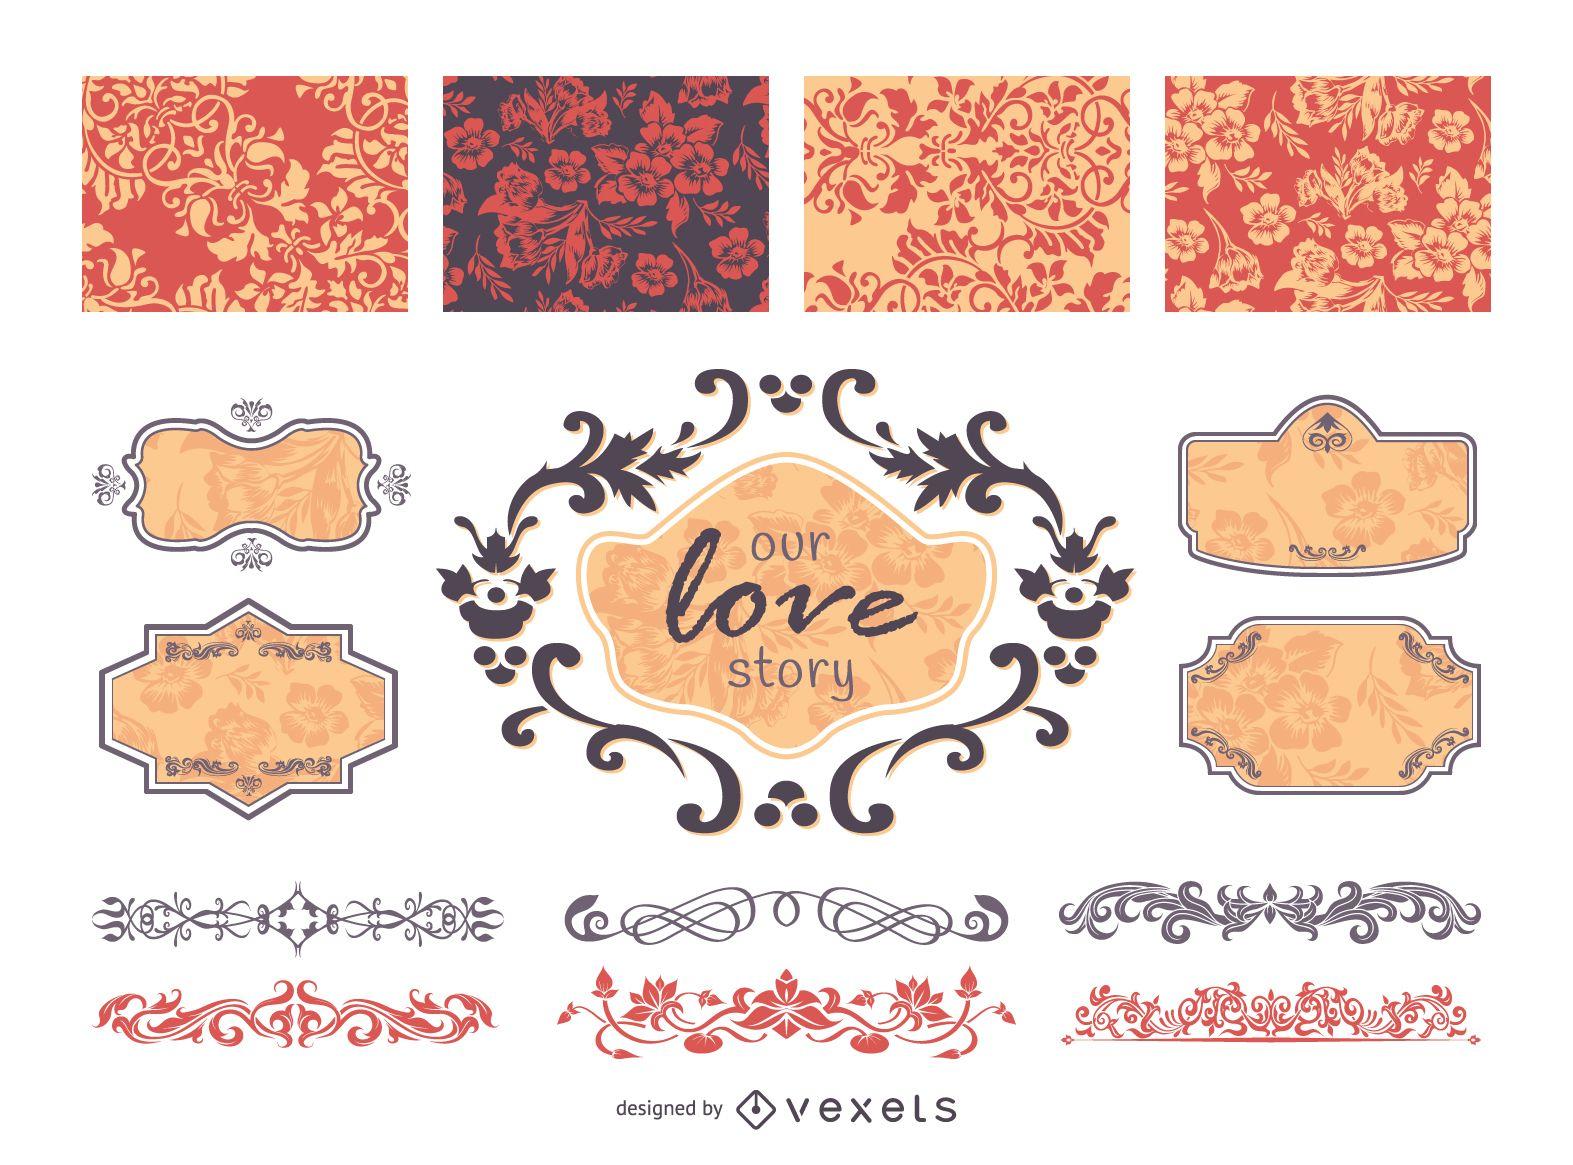 Vintage Hochzeit dekorative Rahmen und Elemente Vektor